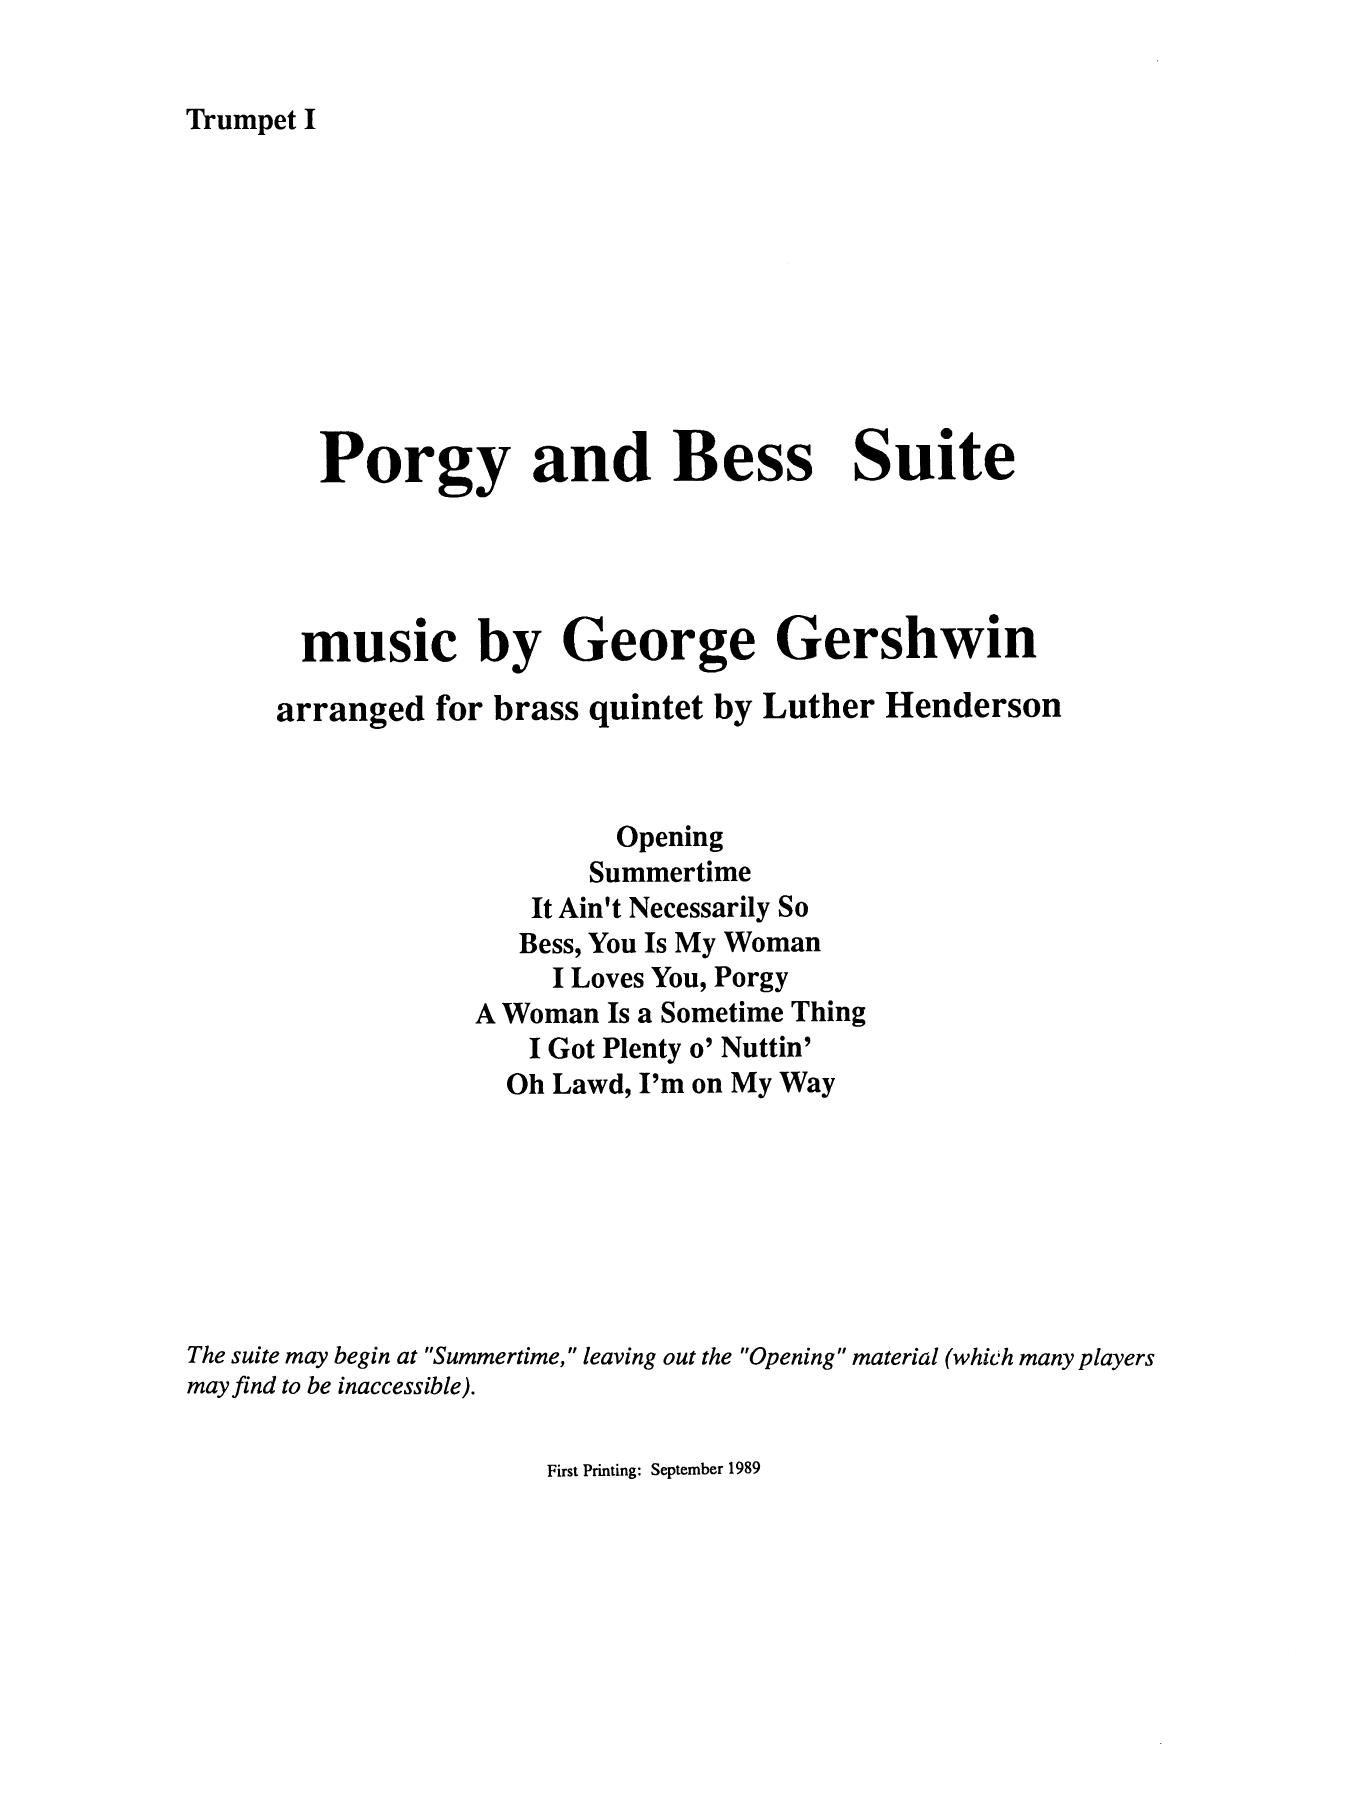 Porgy and Bess Suite - Bb Trumpet 1 (Brass Quintet) Sheet Music